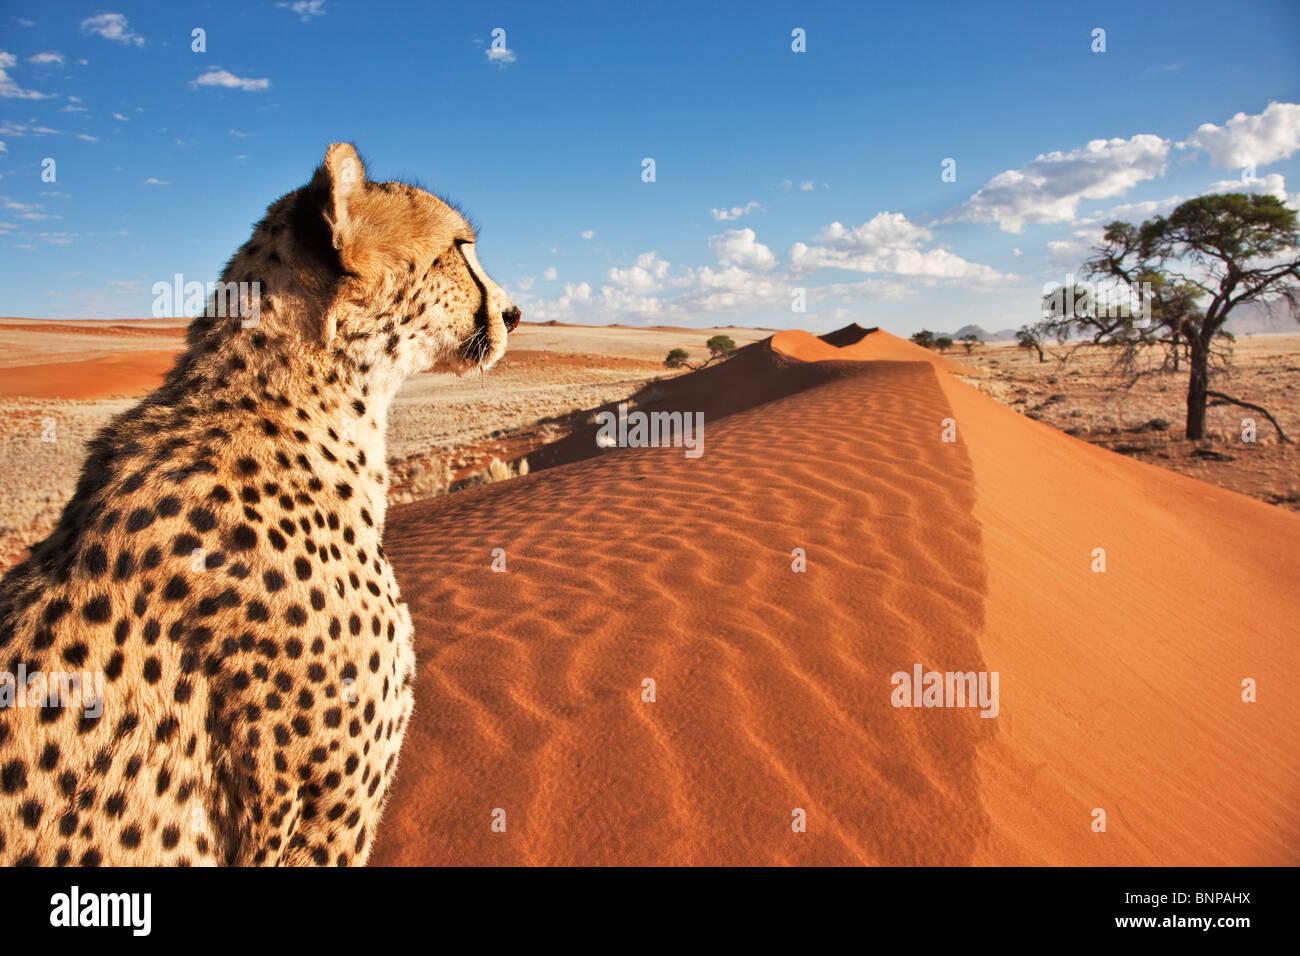 Le Guépard (Acinonyx jubatus) avec paysage désertique à l'arrière du terrain. La Namibie. Photo Stock